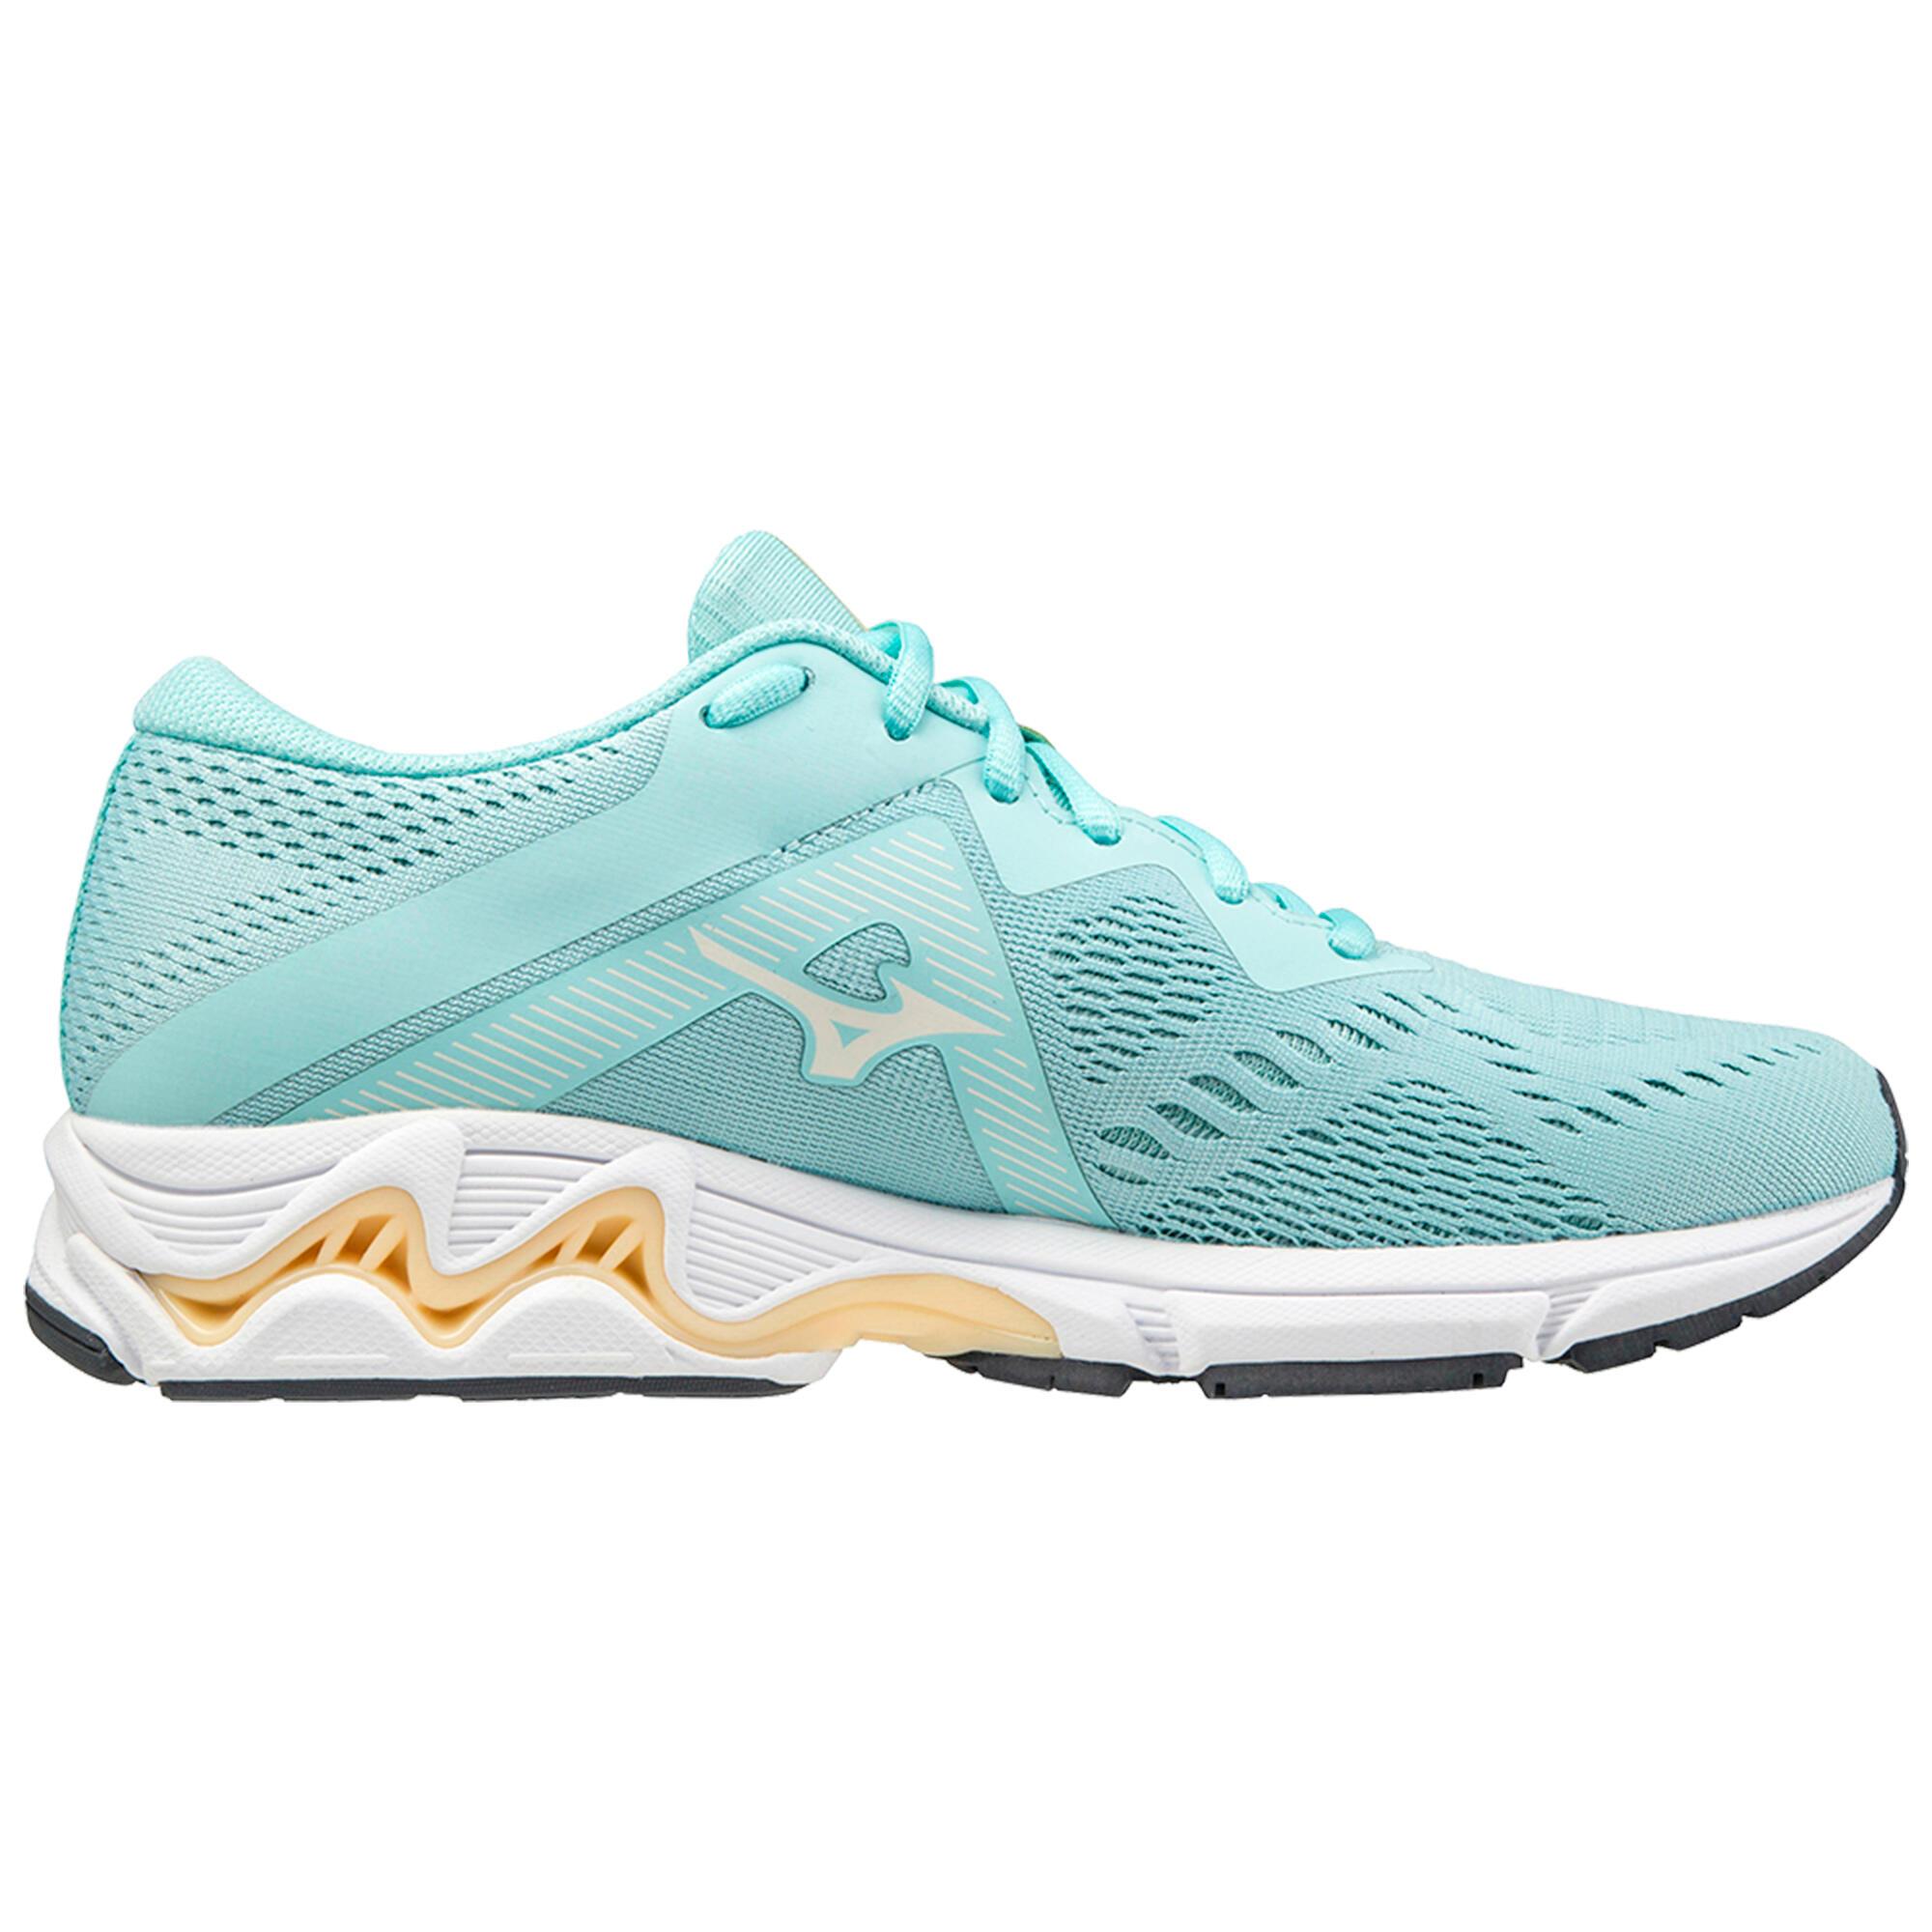 mizuno scarpe running donna equate 5 verdi